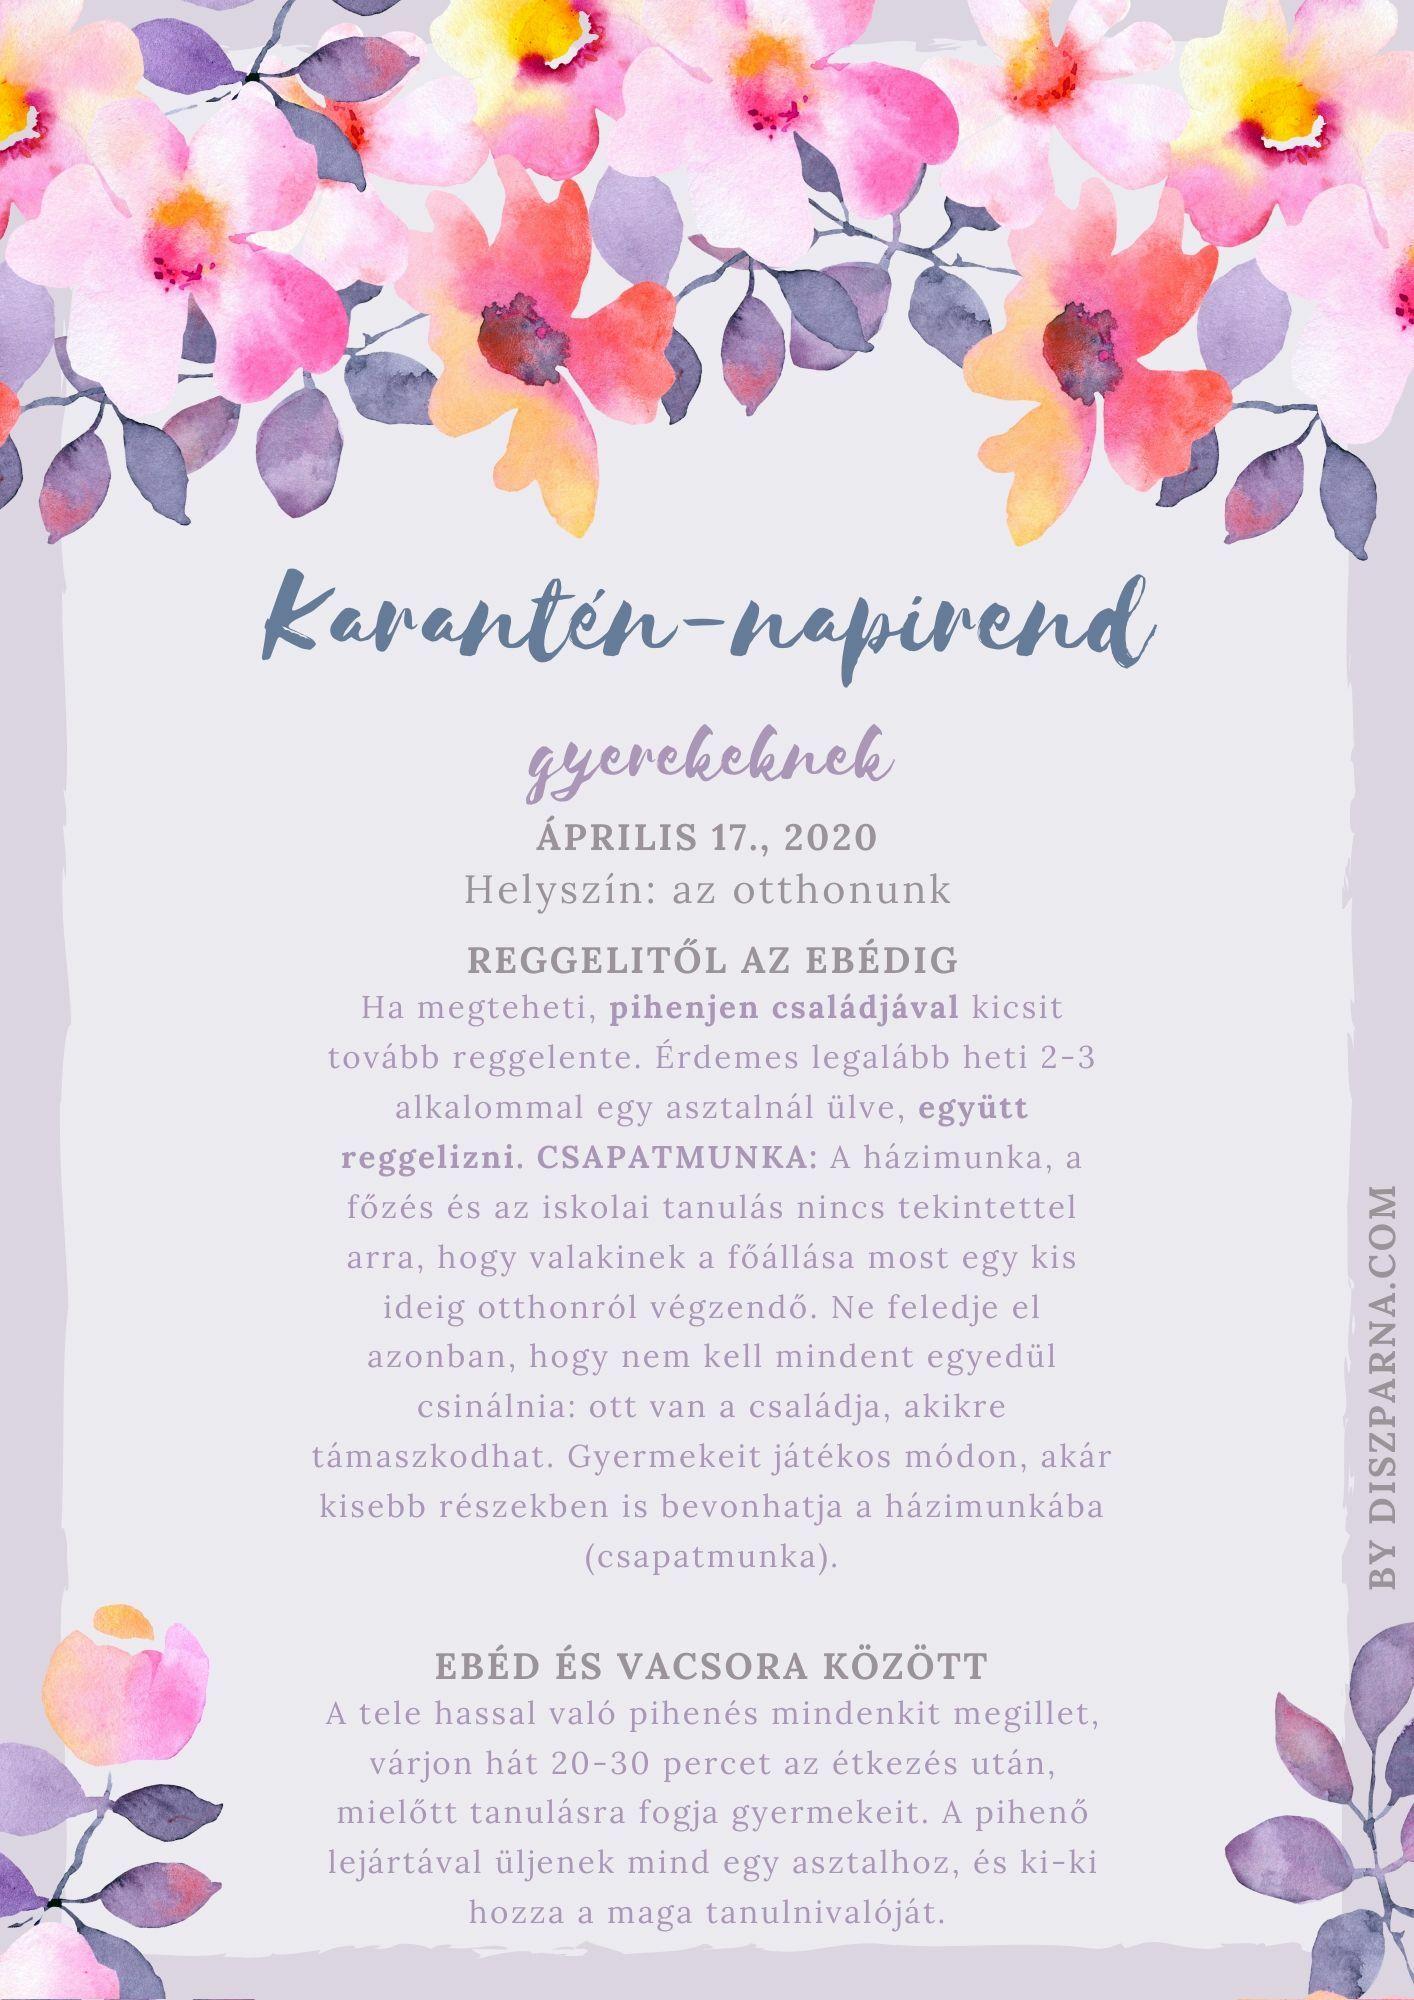 Karantén-napirend első oldal